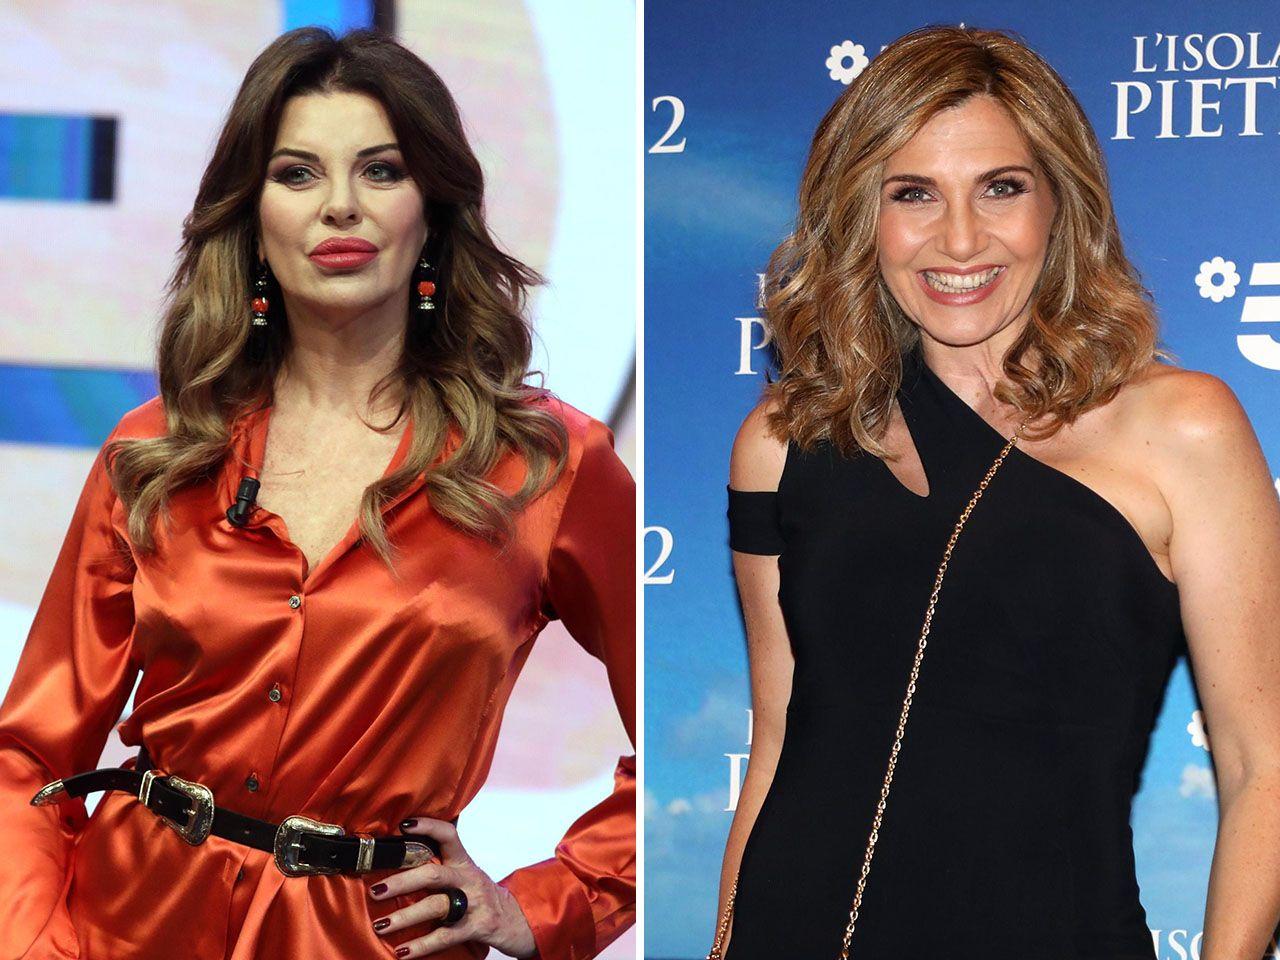 Alba Parietti e Lorella Cuccarini